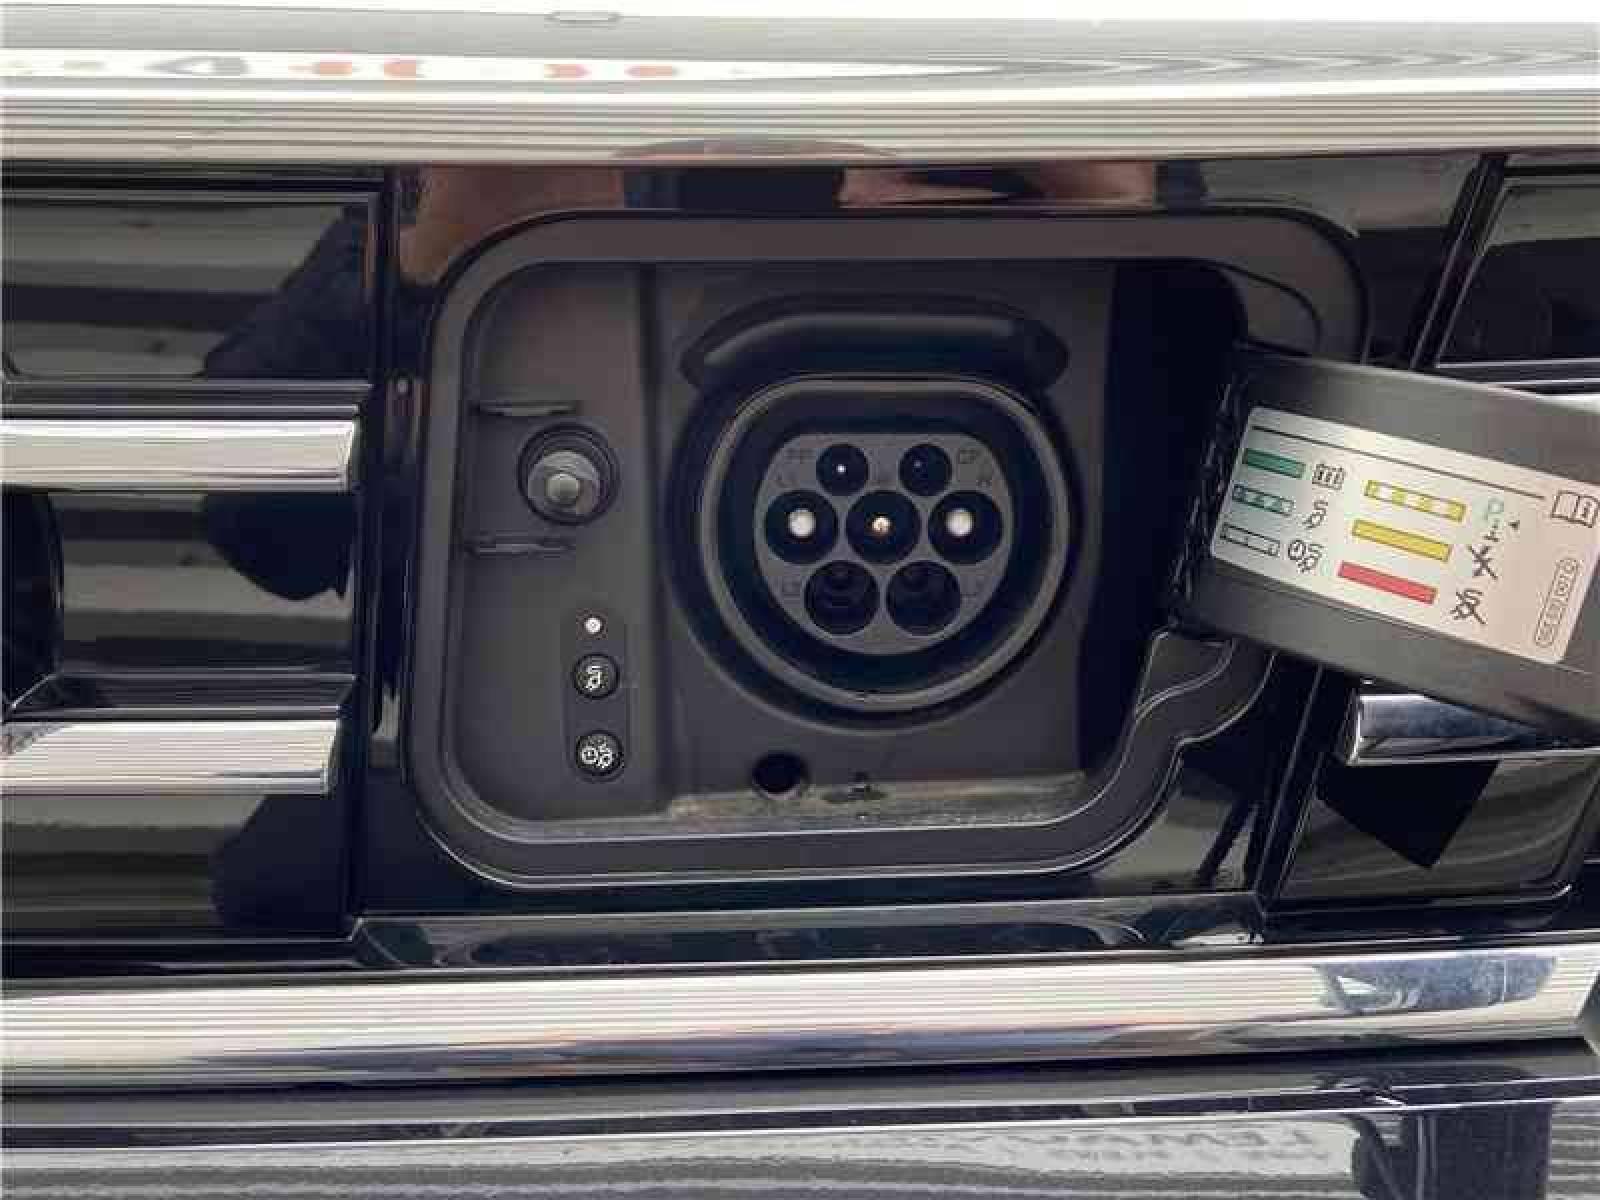 VOLKSWAGEN Passat SW 1.4 TSI Hybride Rechargeable DSG6 - véhicule d'occasion - LEMAUVIEL AUTOMOBILES - Présentation site web V2 - Lemauviel Automobiles - VIRE - 14500 - VIRE - 19